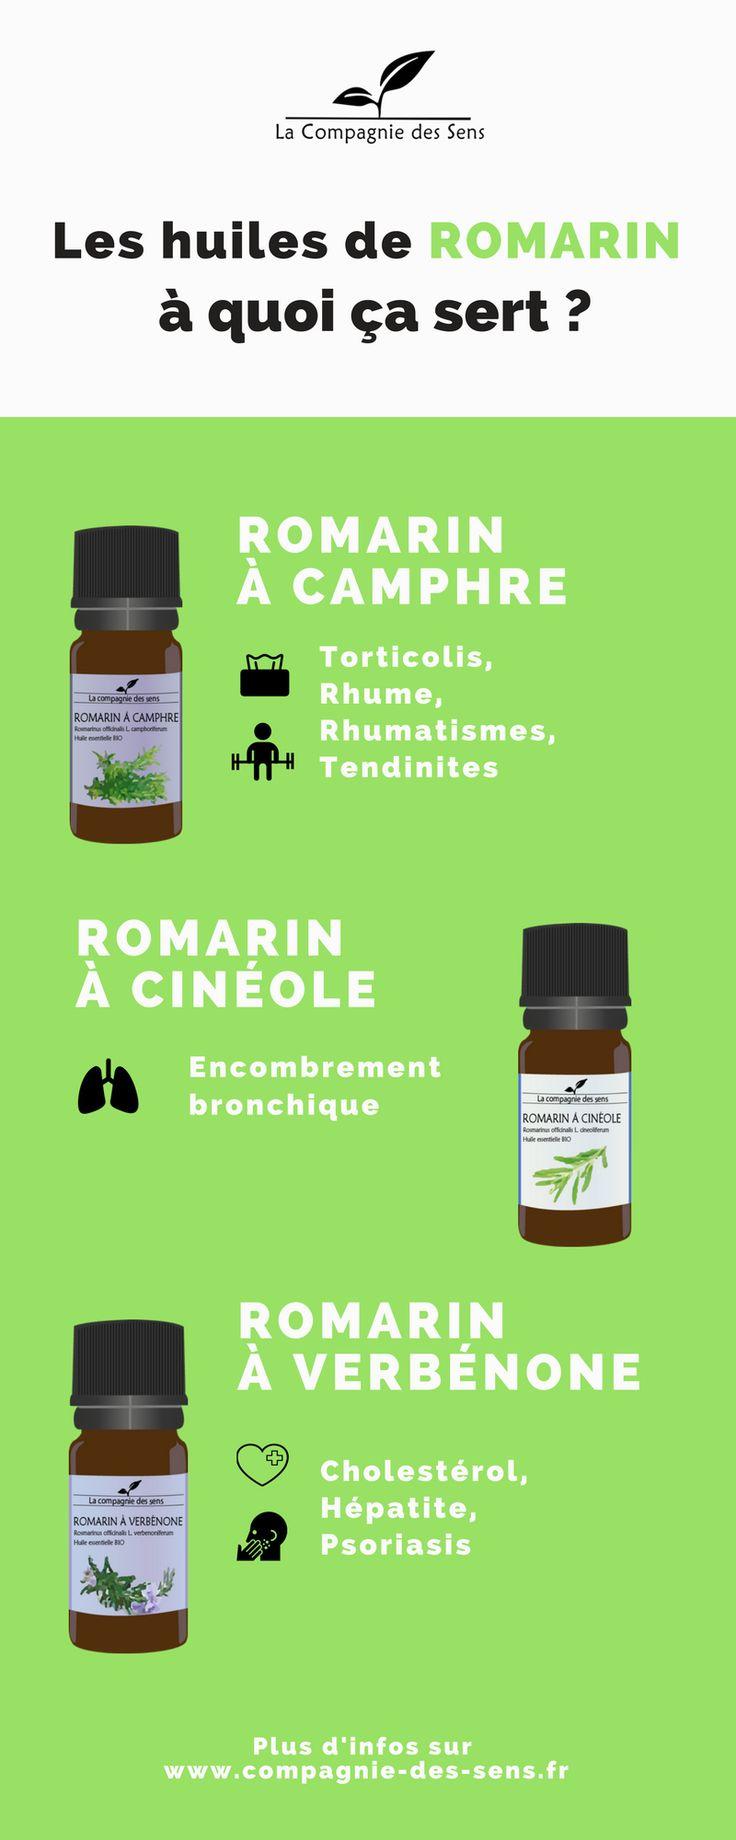 Connaissez-vous les propriétés et les différentes utilisations de chacune des huiles essentielles de Romarin ? On vous explique toutes leurs propriétés, les différentes applications et utilisations #huilesessentielles #romarin  La Compagnie des Sens  Pictogrammes : www.thenounproject.com